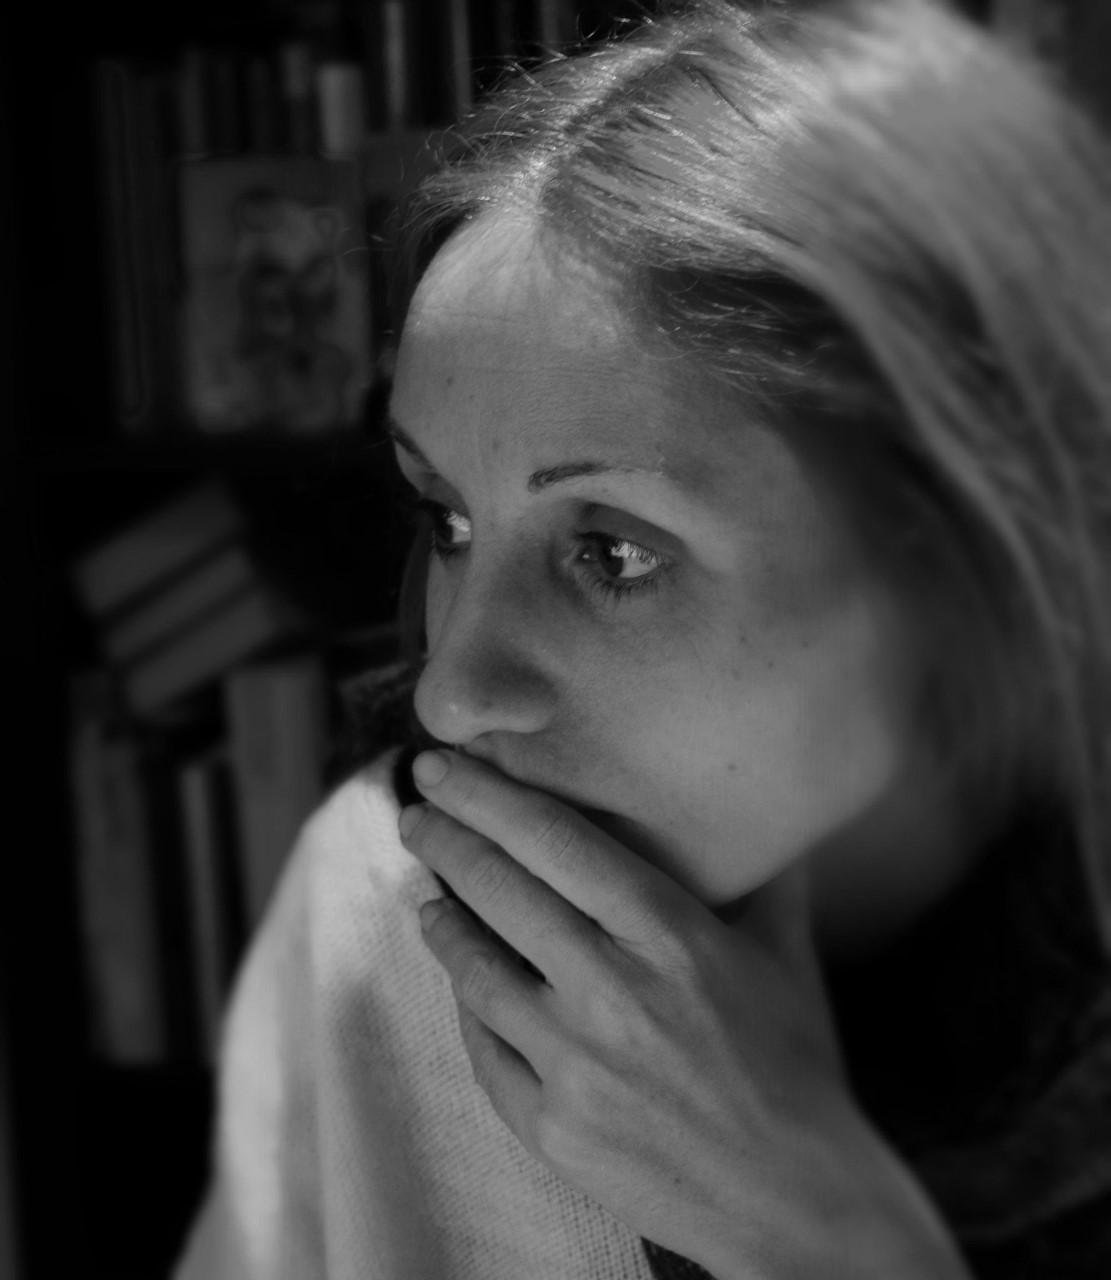 Η τέχνη μας θυμίζει πως δεν είμαστε μόνοι – Η Ίρις Σαμαρτζή μιλά στην Ιωάννα Γιαννακοπούλου